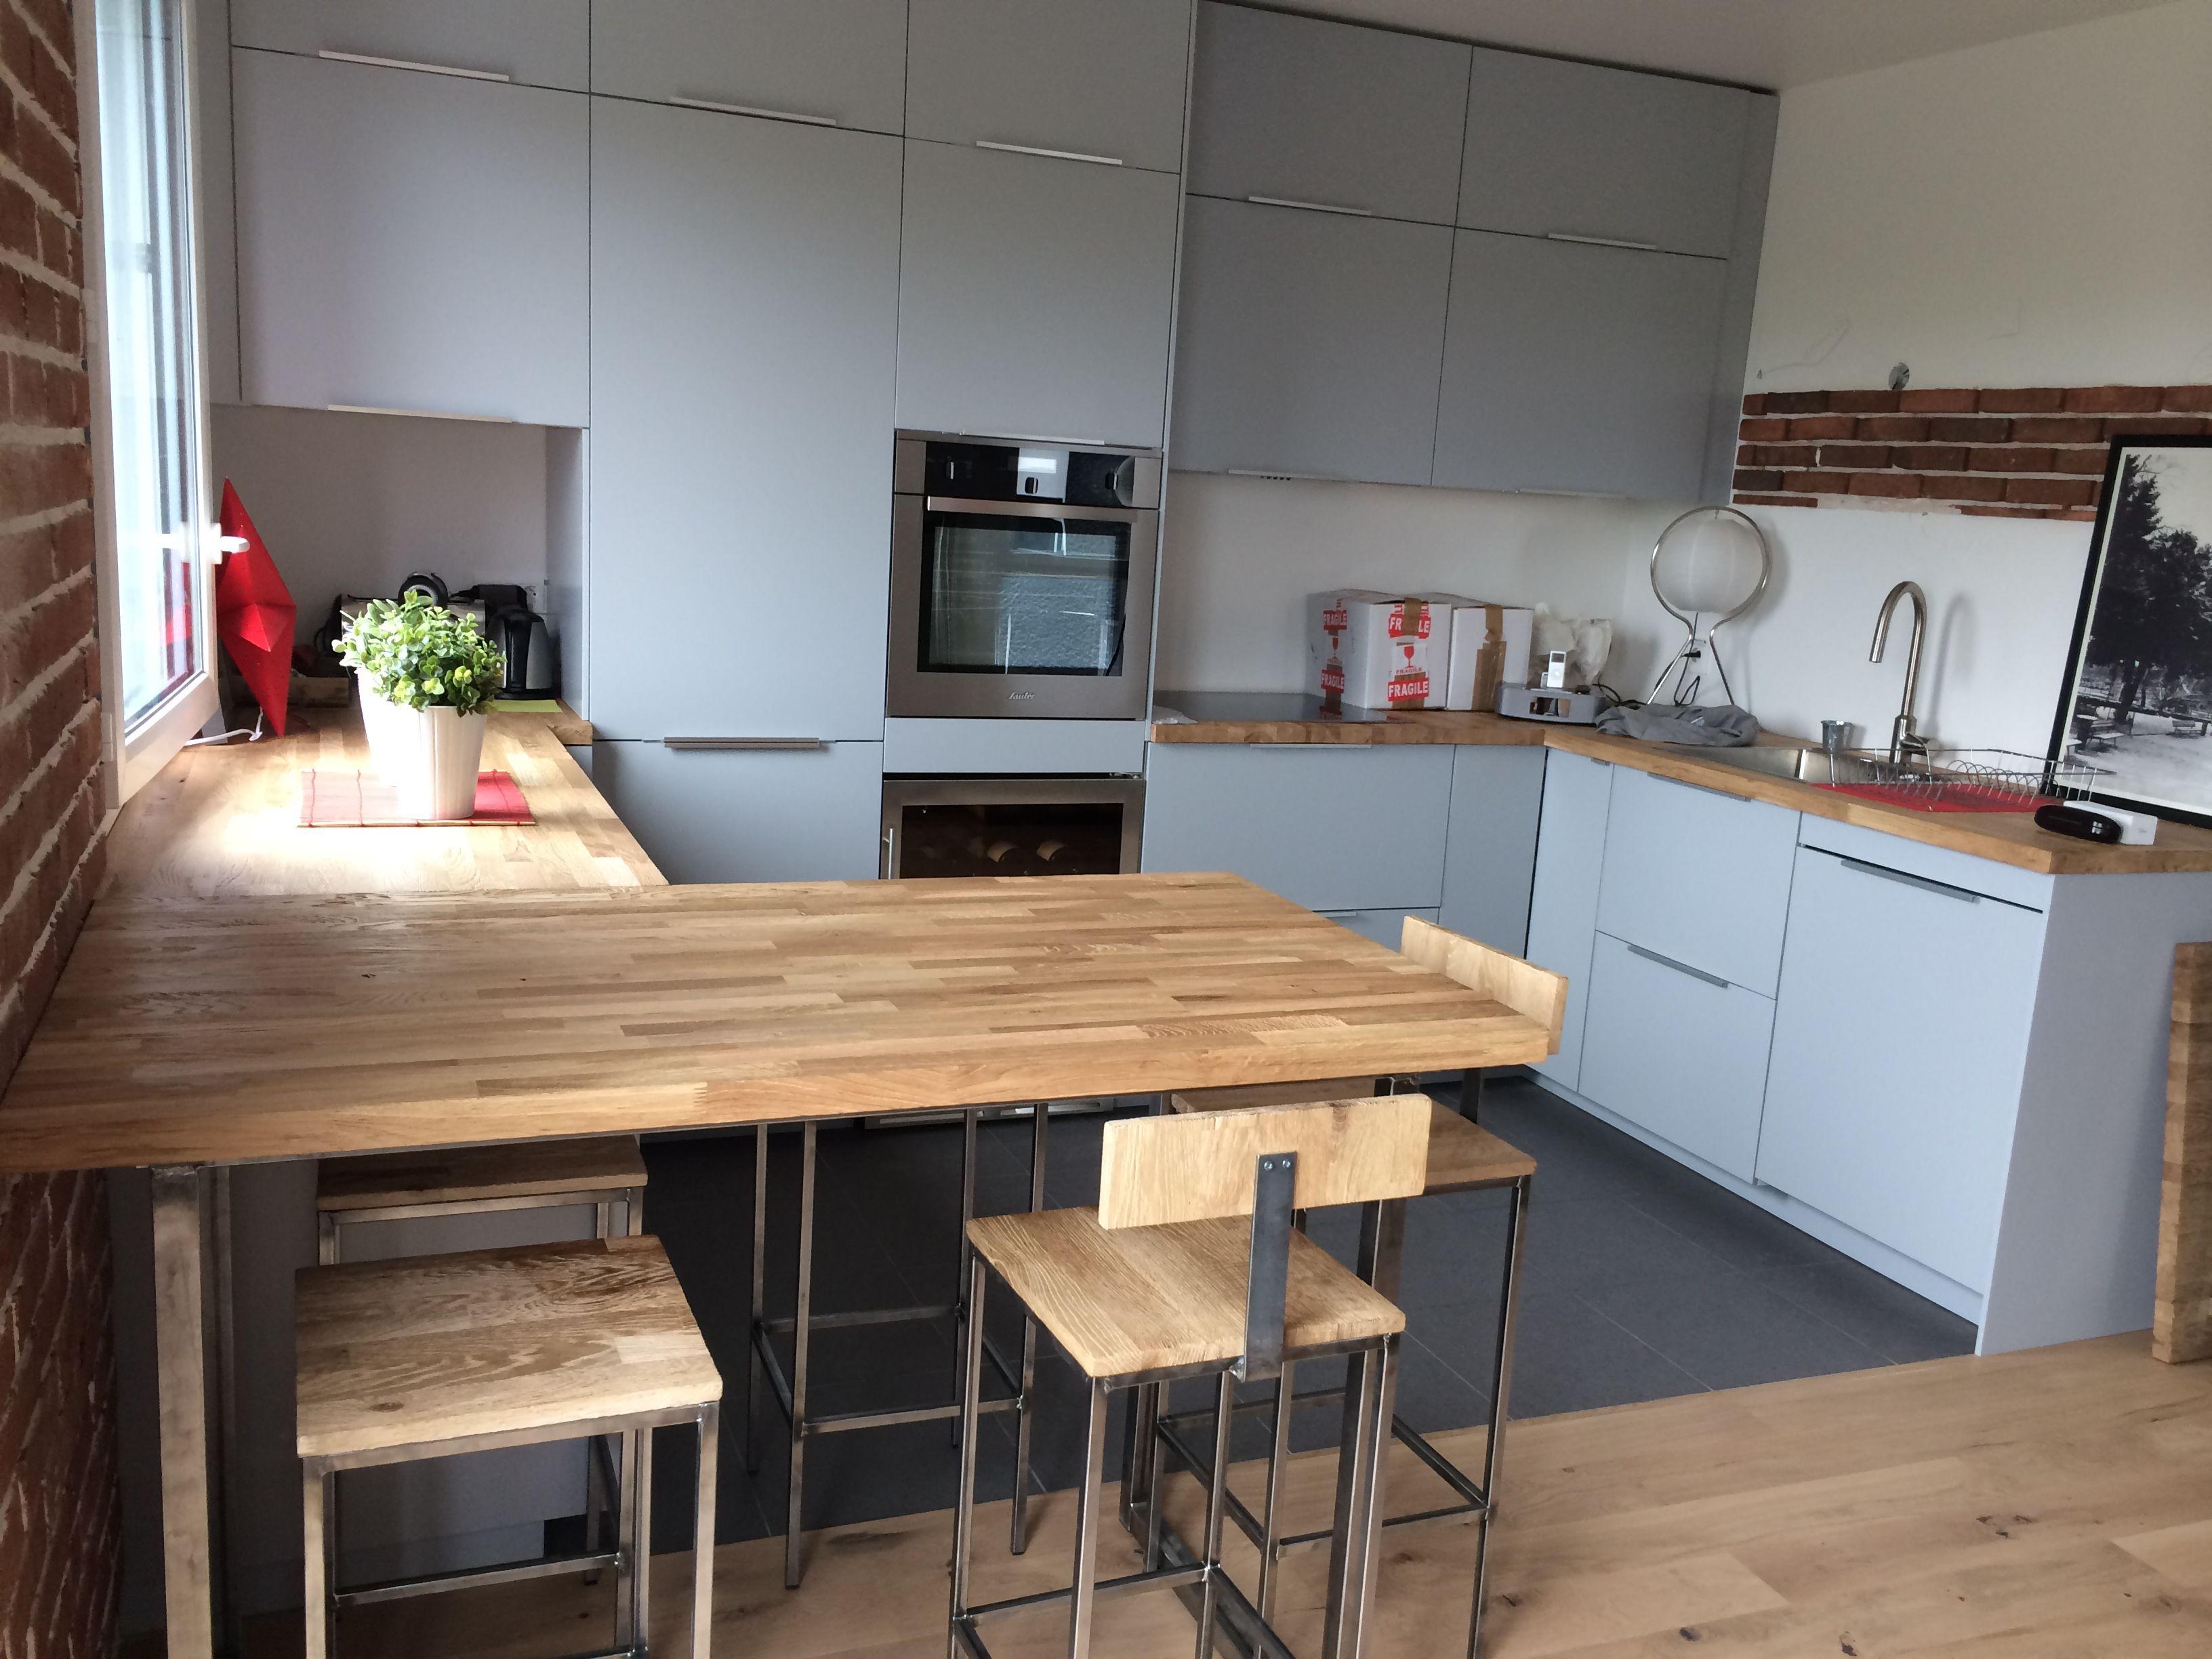 Cuisine table bois brut et acier brut fait par l 39 atelier - Table cuisine bois brut ...